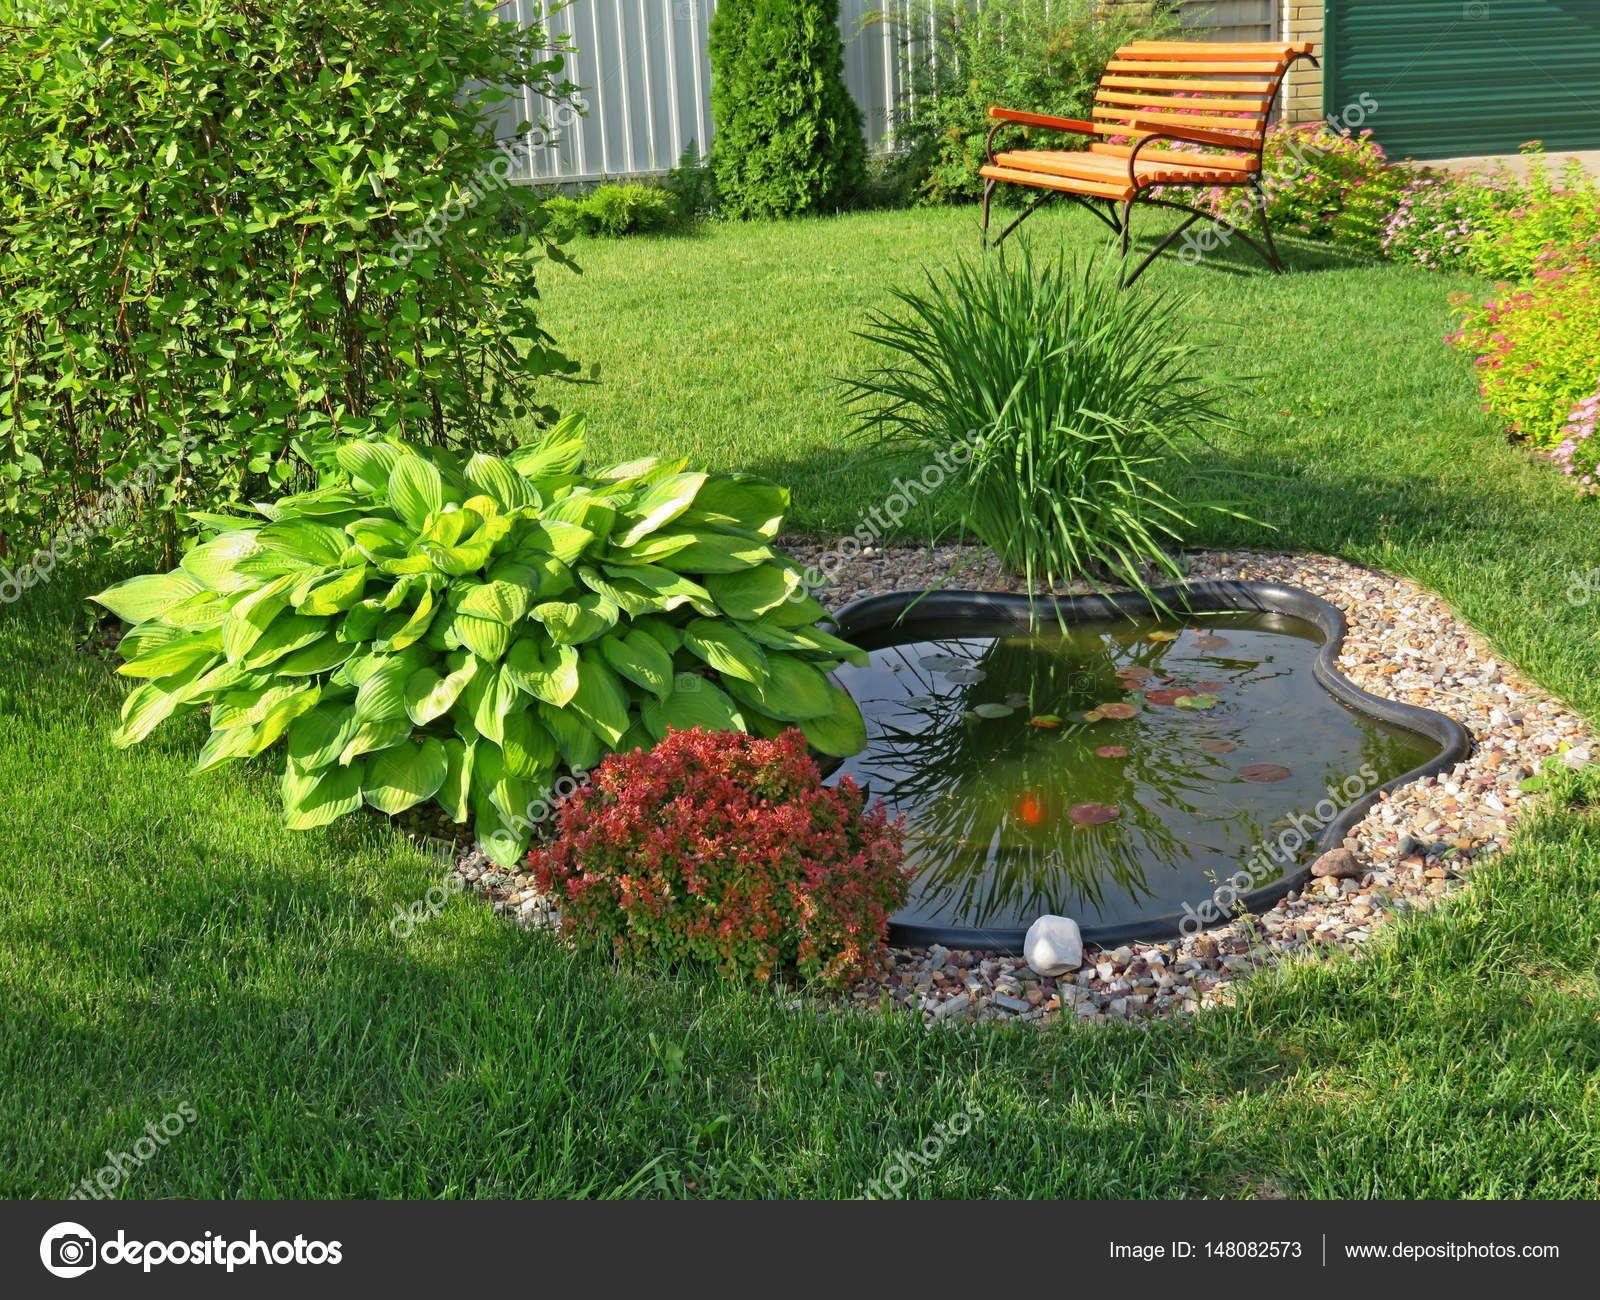 Bildergebnis für maly staw w ogrodzie Outdoor decor